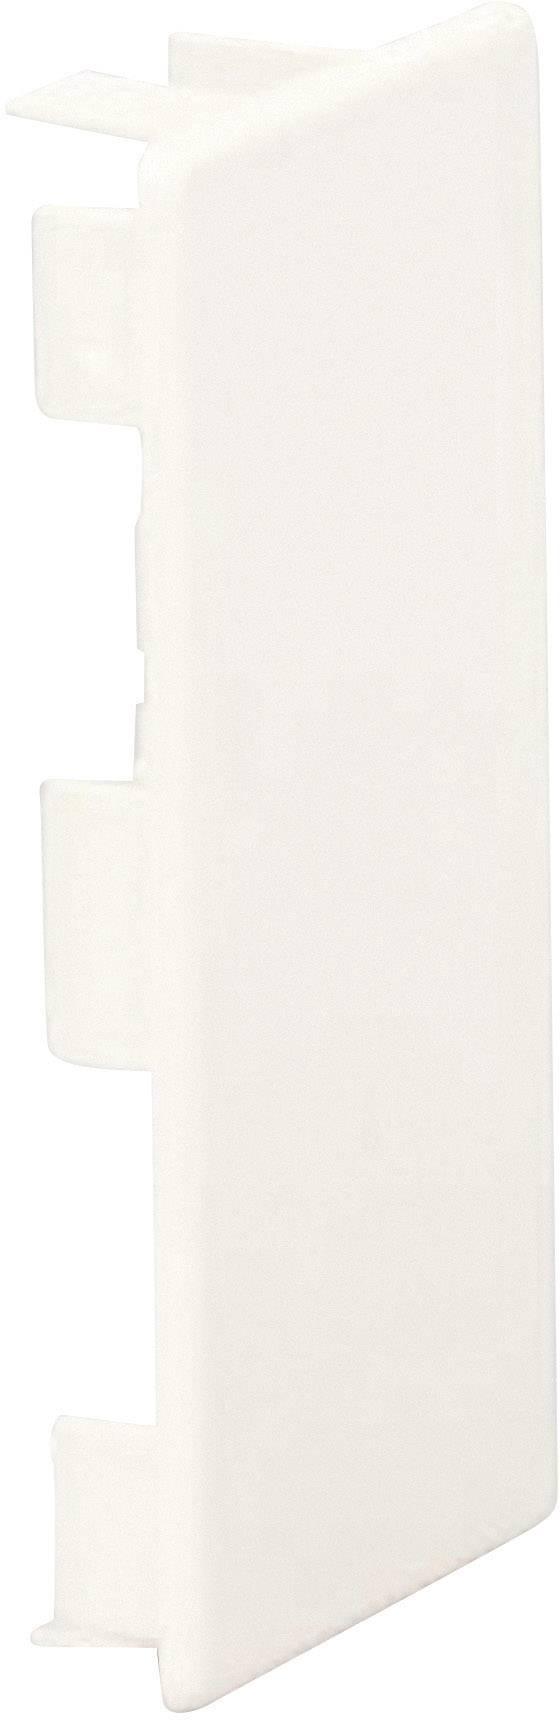 Koncový díl k parapetní liště Heidemann, 09828, bílá